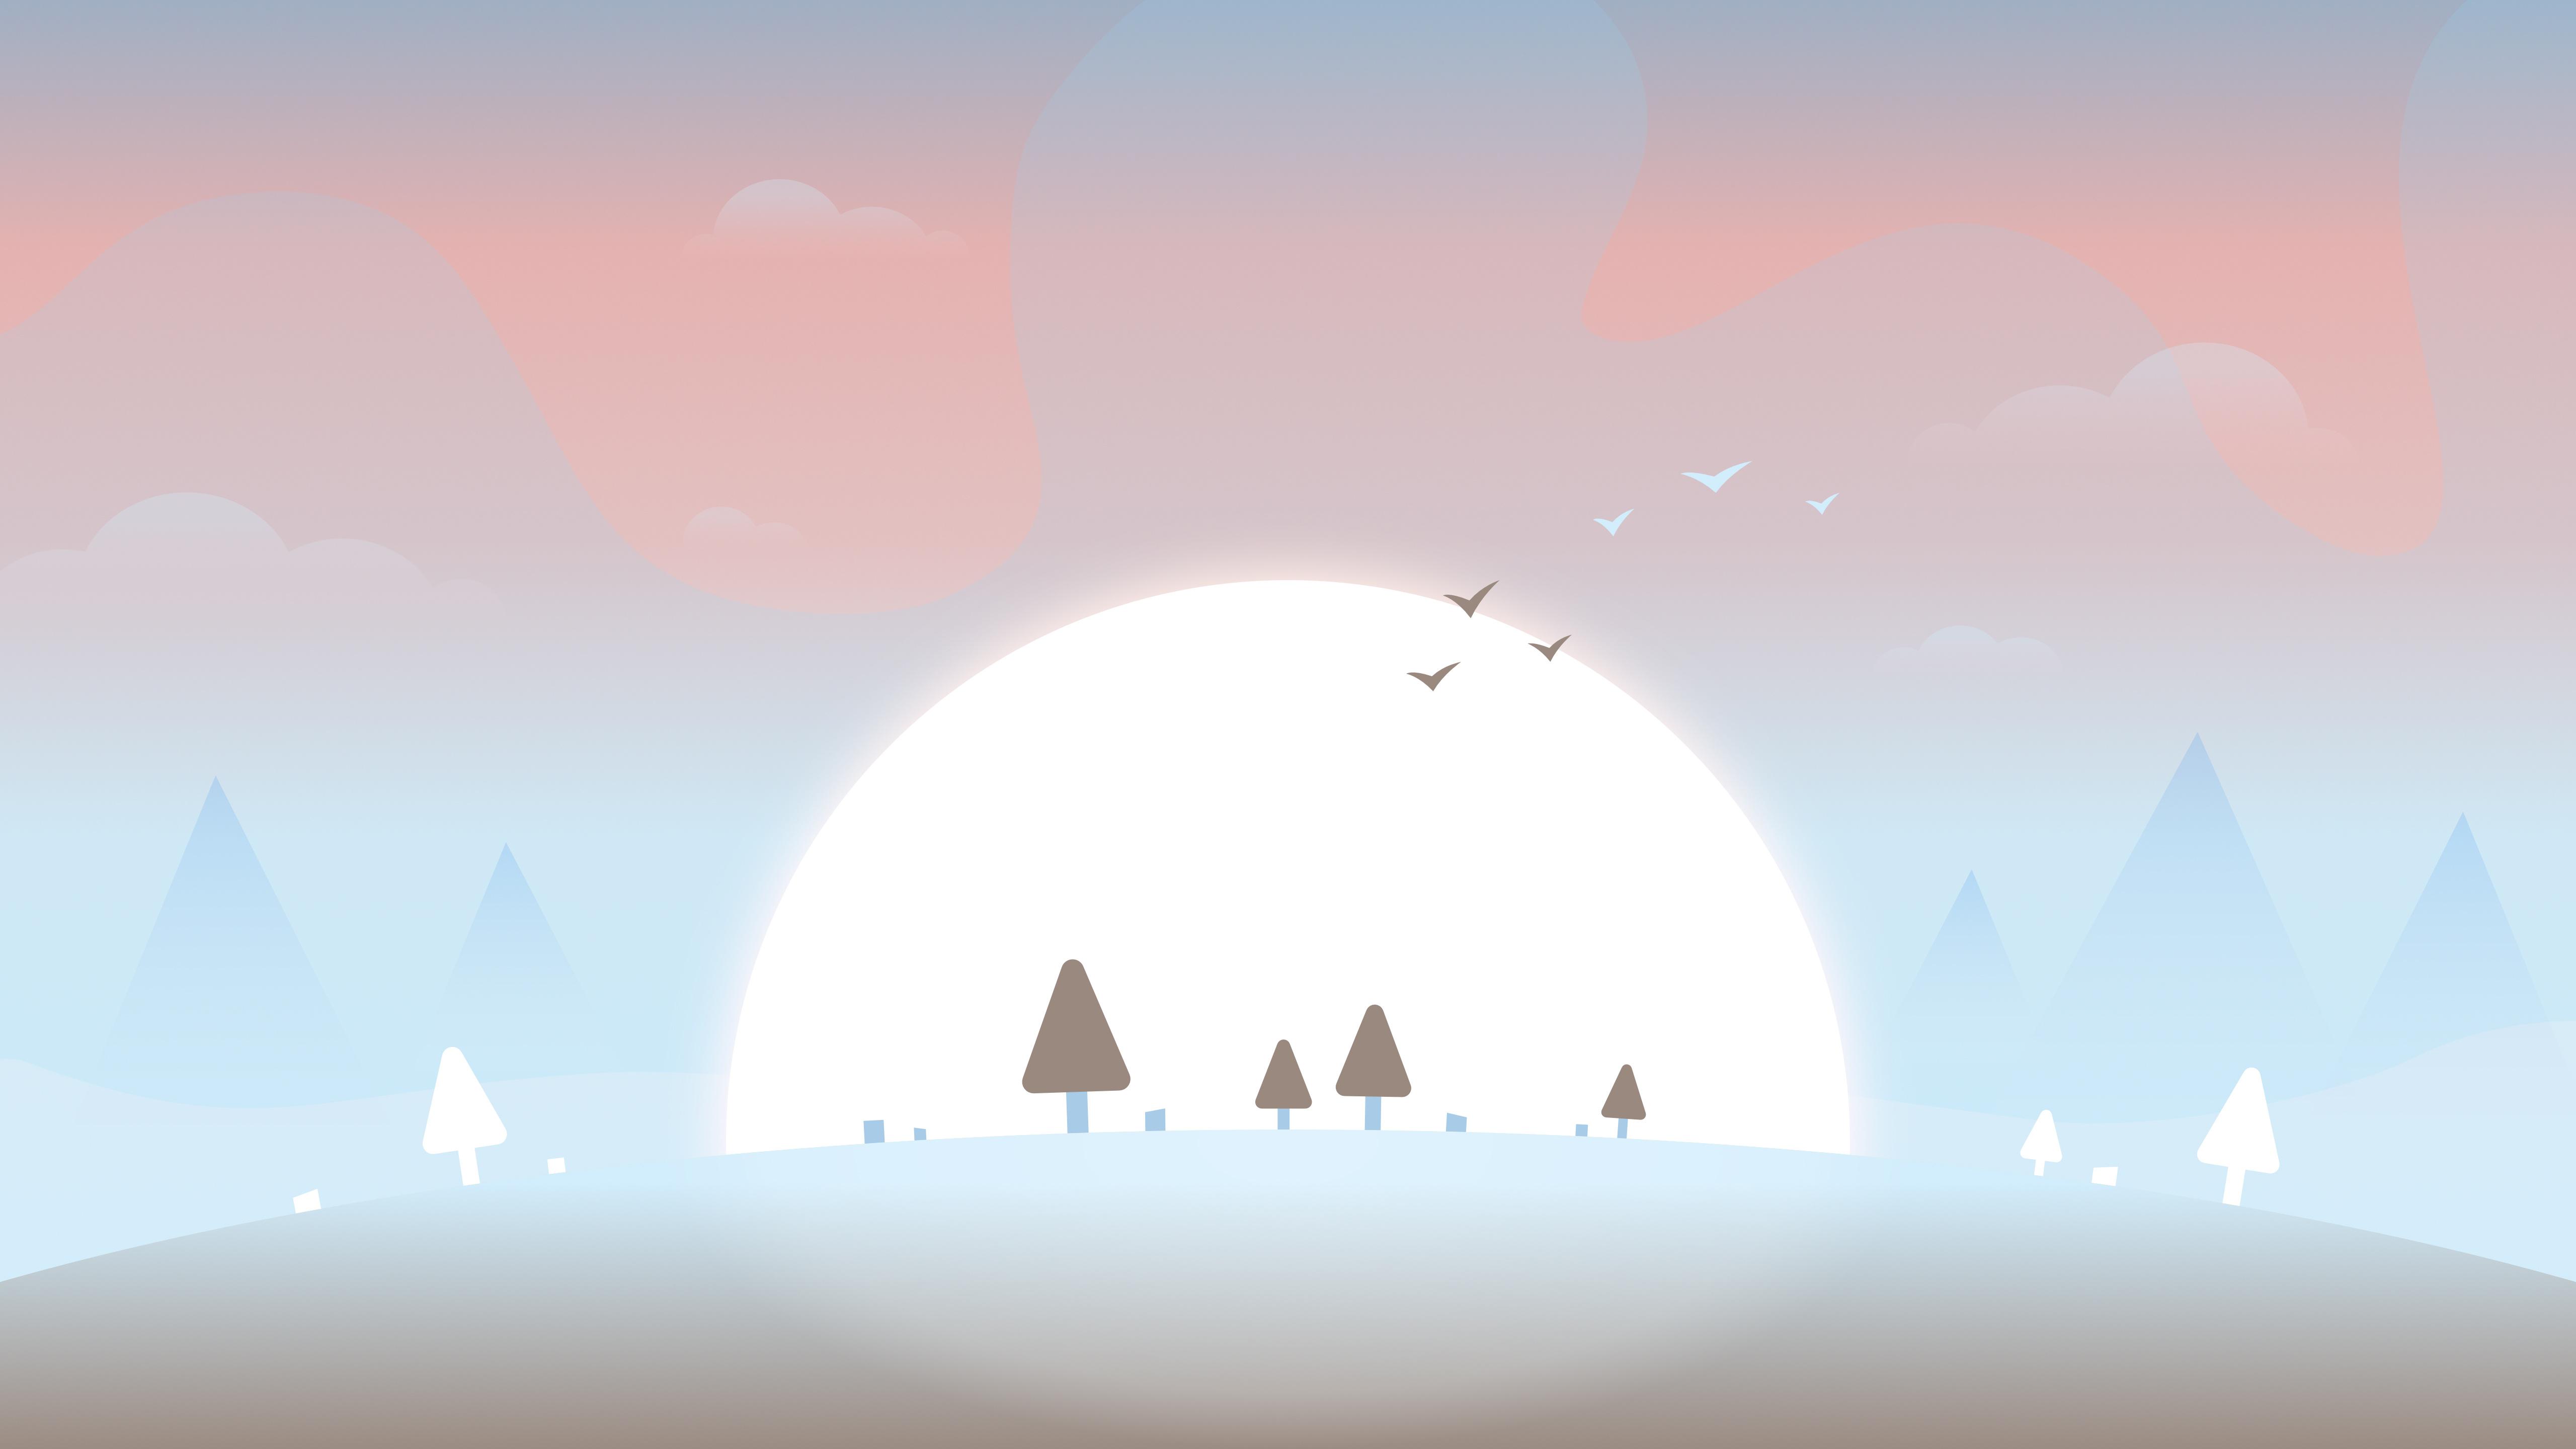 天空 太阳 树 鸟儿